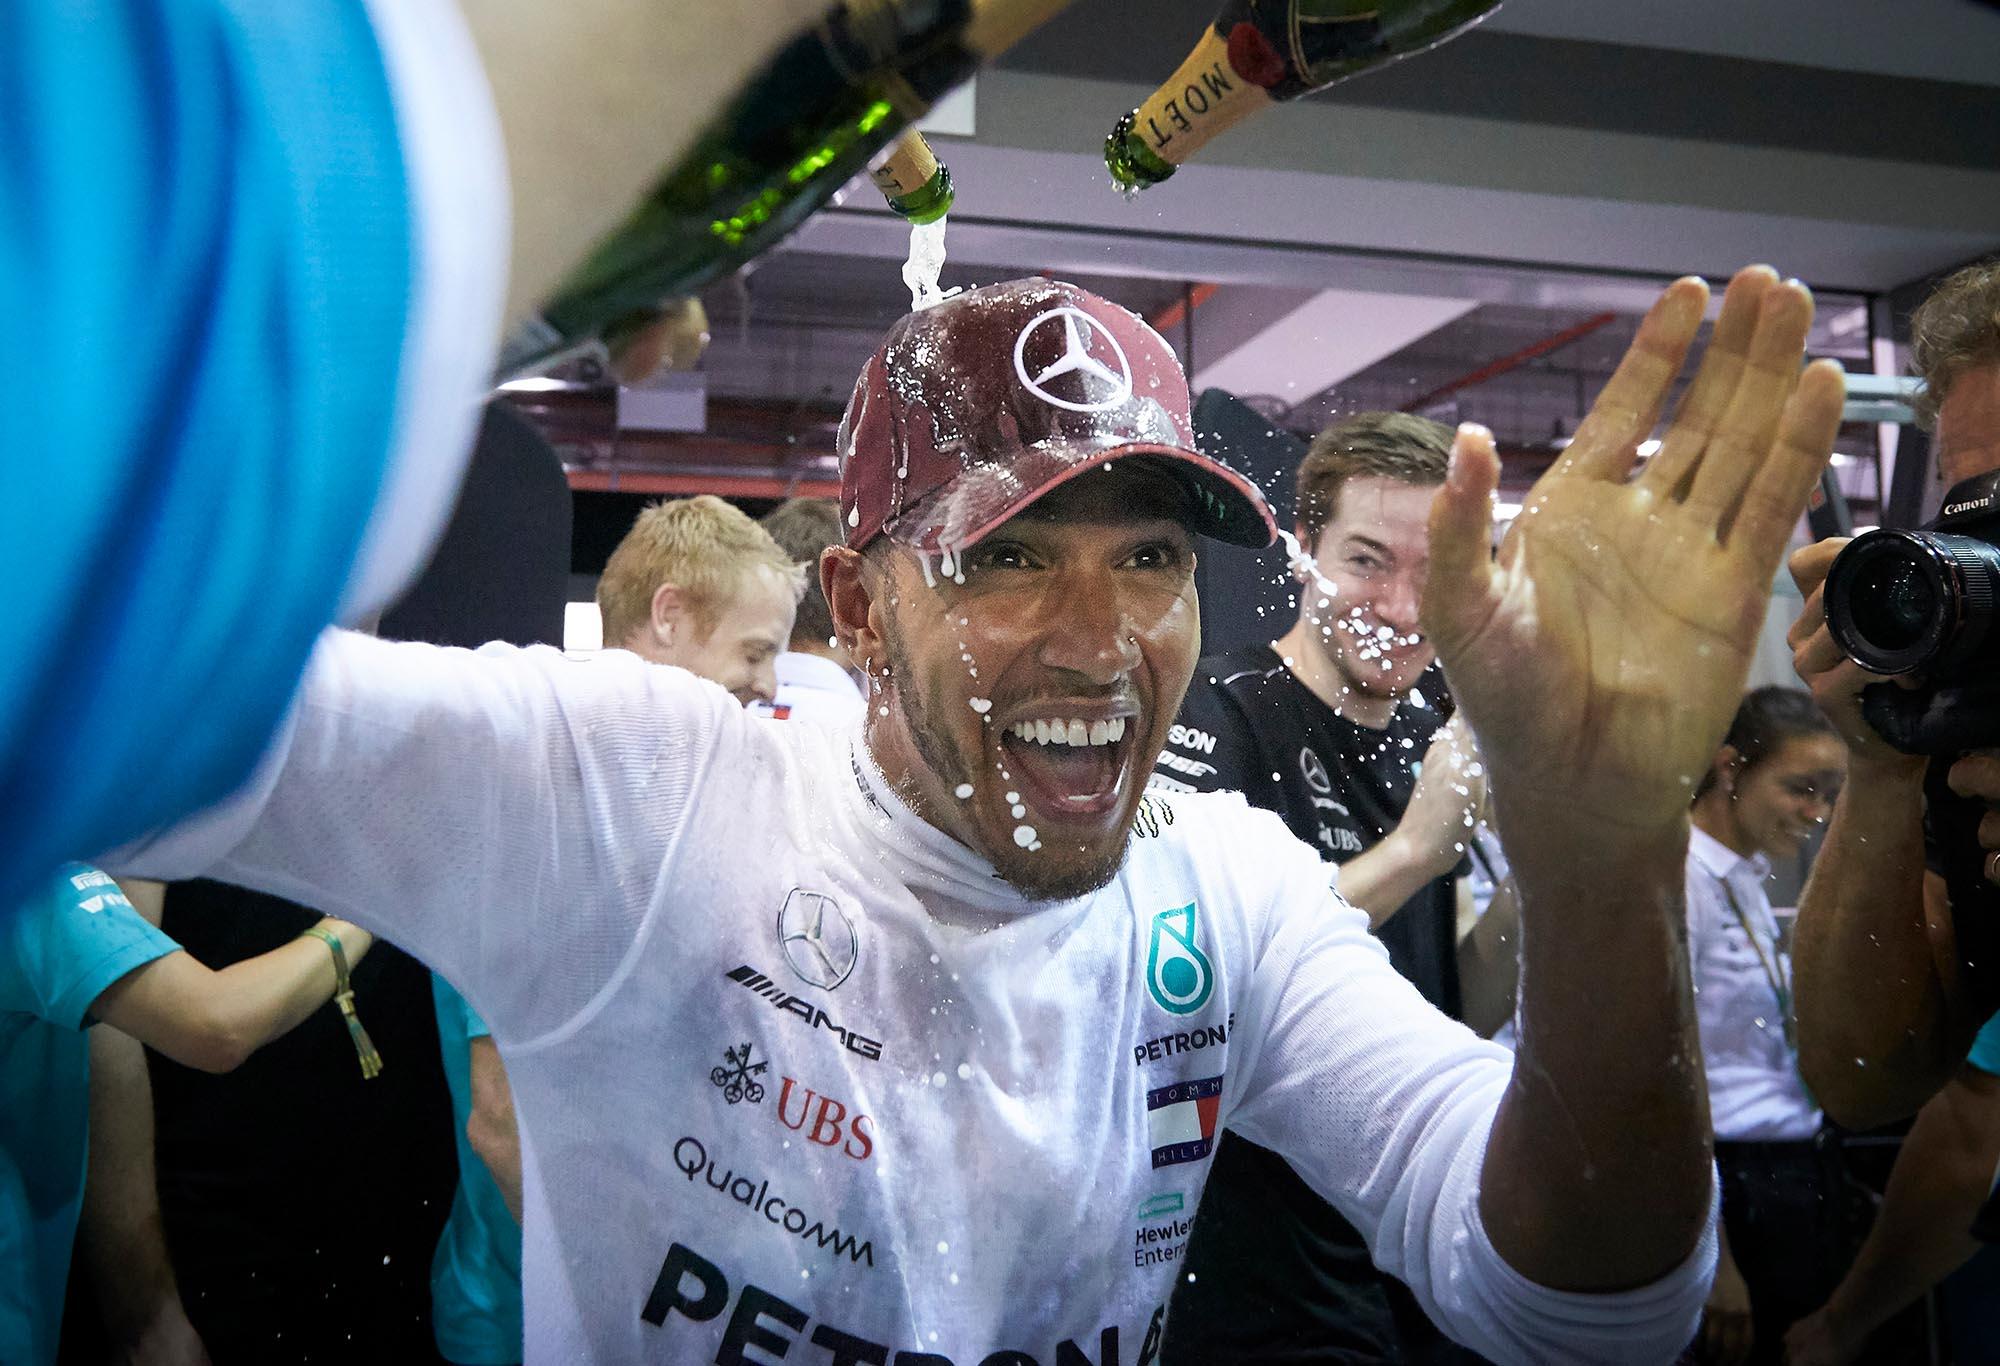 Lewis Hamilton in Singapore.